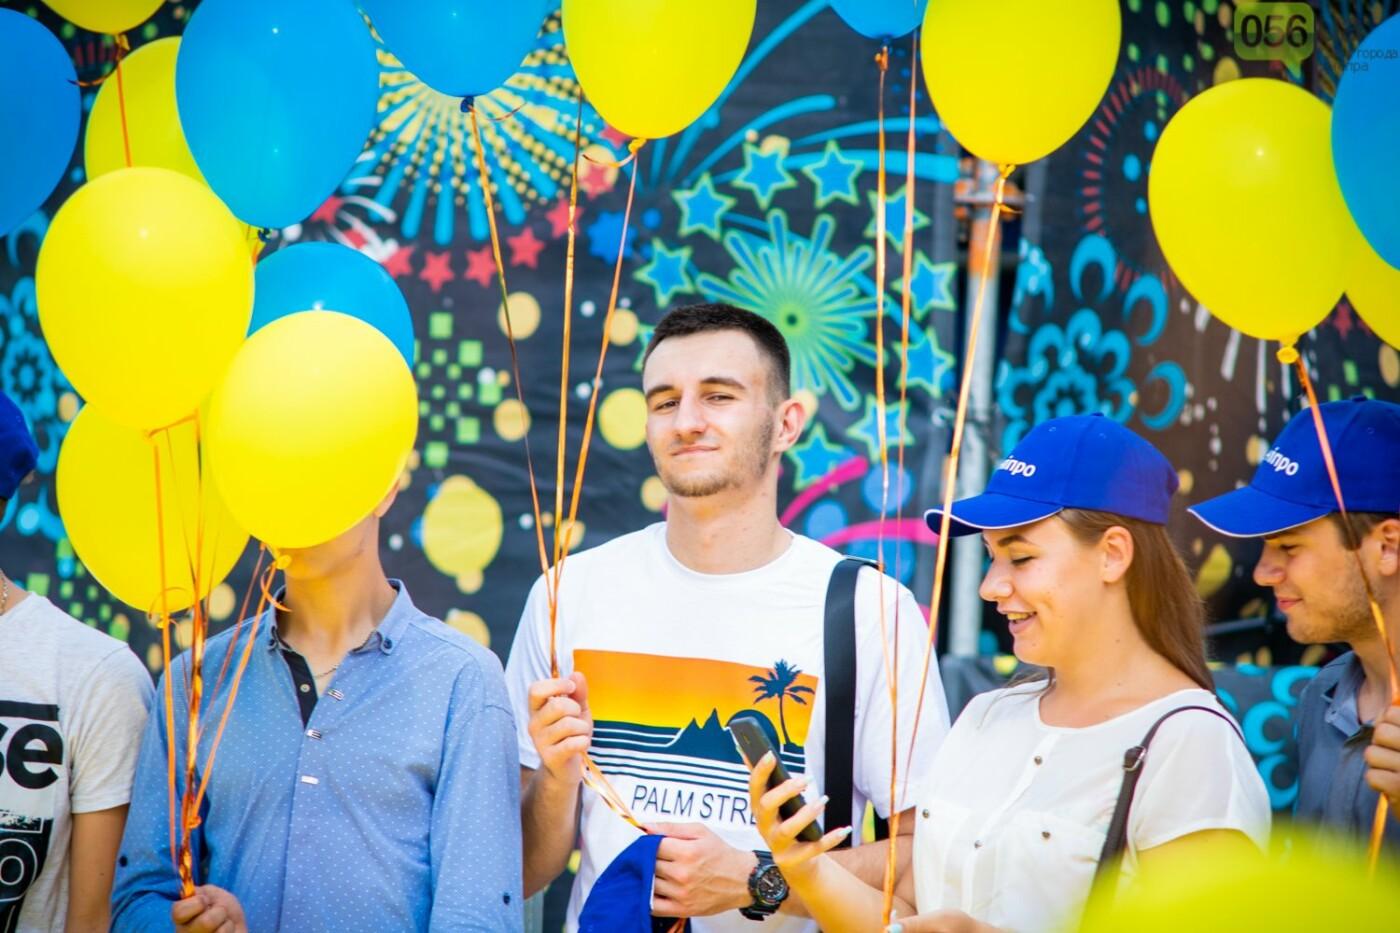 В Днепре устроили красочный флешмоб ко Дню Конституции, - ФОТОРЕПОРТАЖ, фото-14